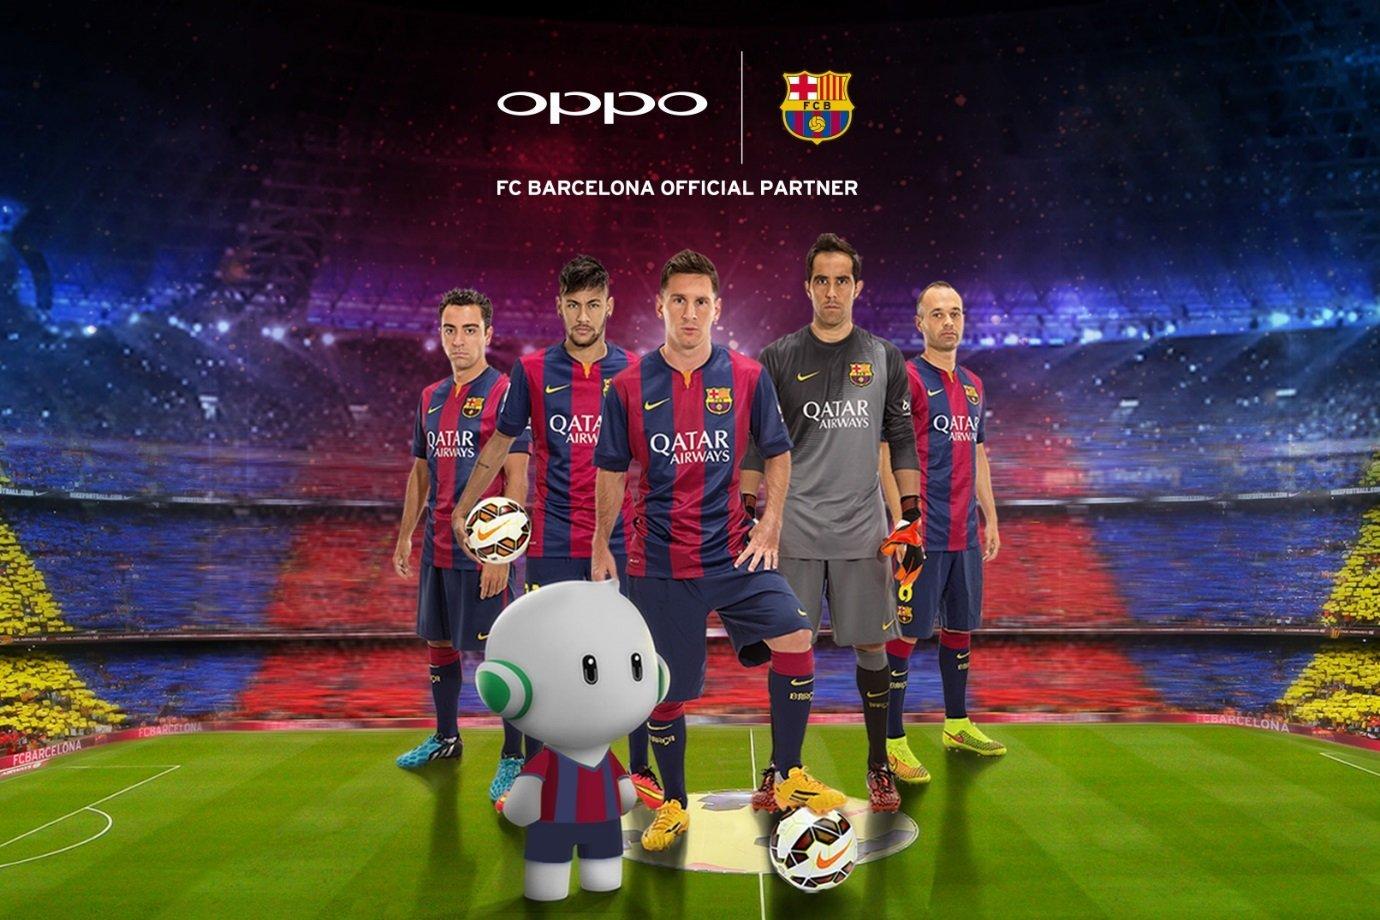 OPPO trở thành nhà tài trợ cho Barca